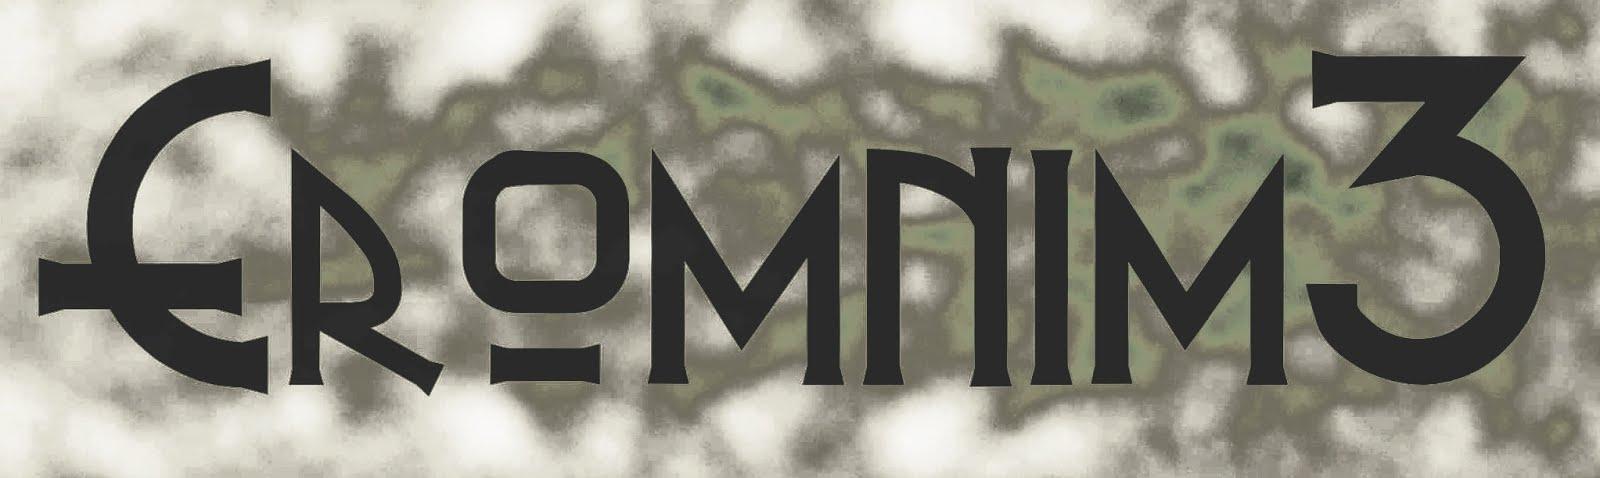 Eromnim3